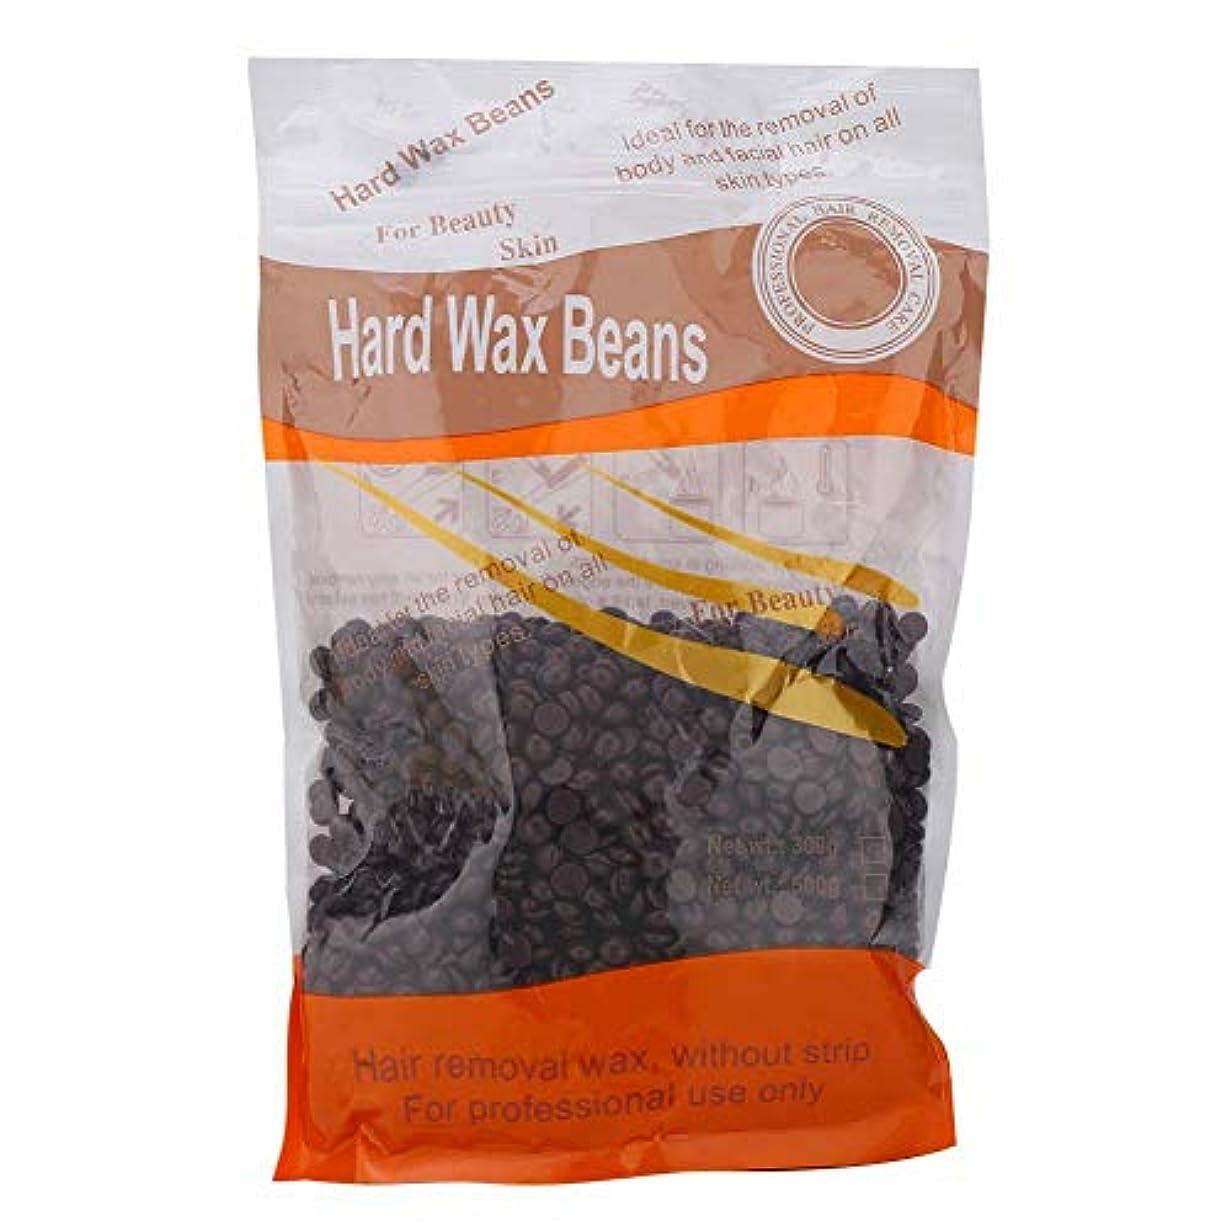 ワックスビーン、300gペーパーフリーのソリッドワックスビーンズビーズ素早い毛髪除去効果のある天然成分と穏やかな成分を採用アームボディビキニヘア脱毛ワックス(1#)